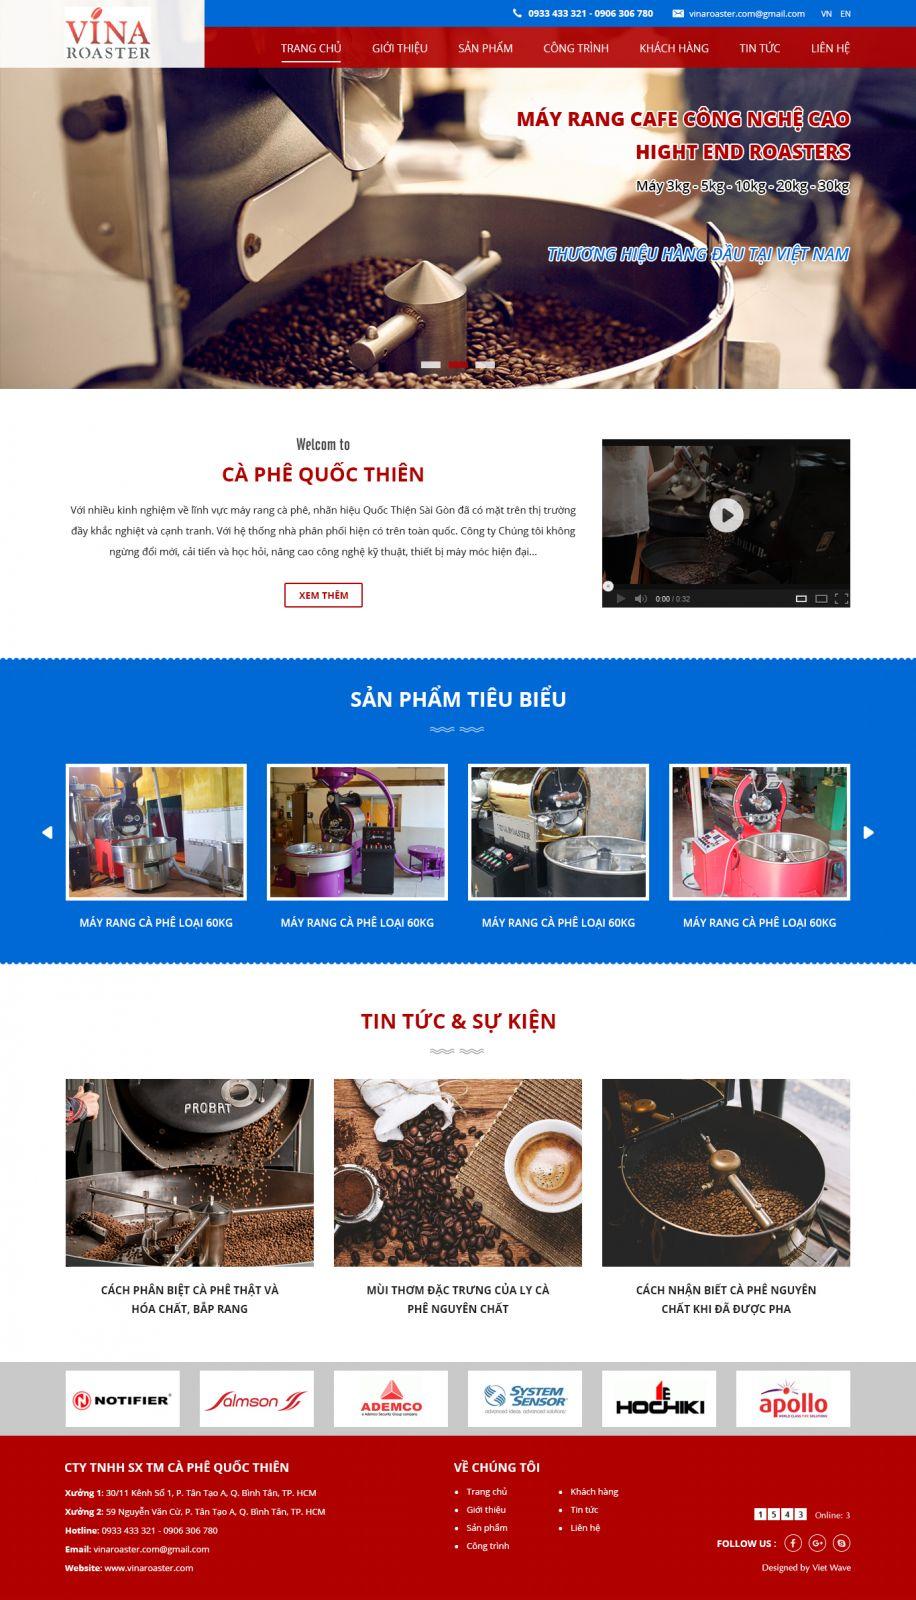 CTY TNHH CAFE QUỐC THIỆN